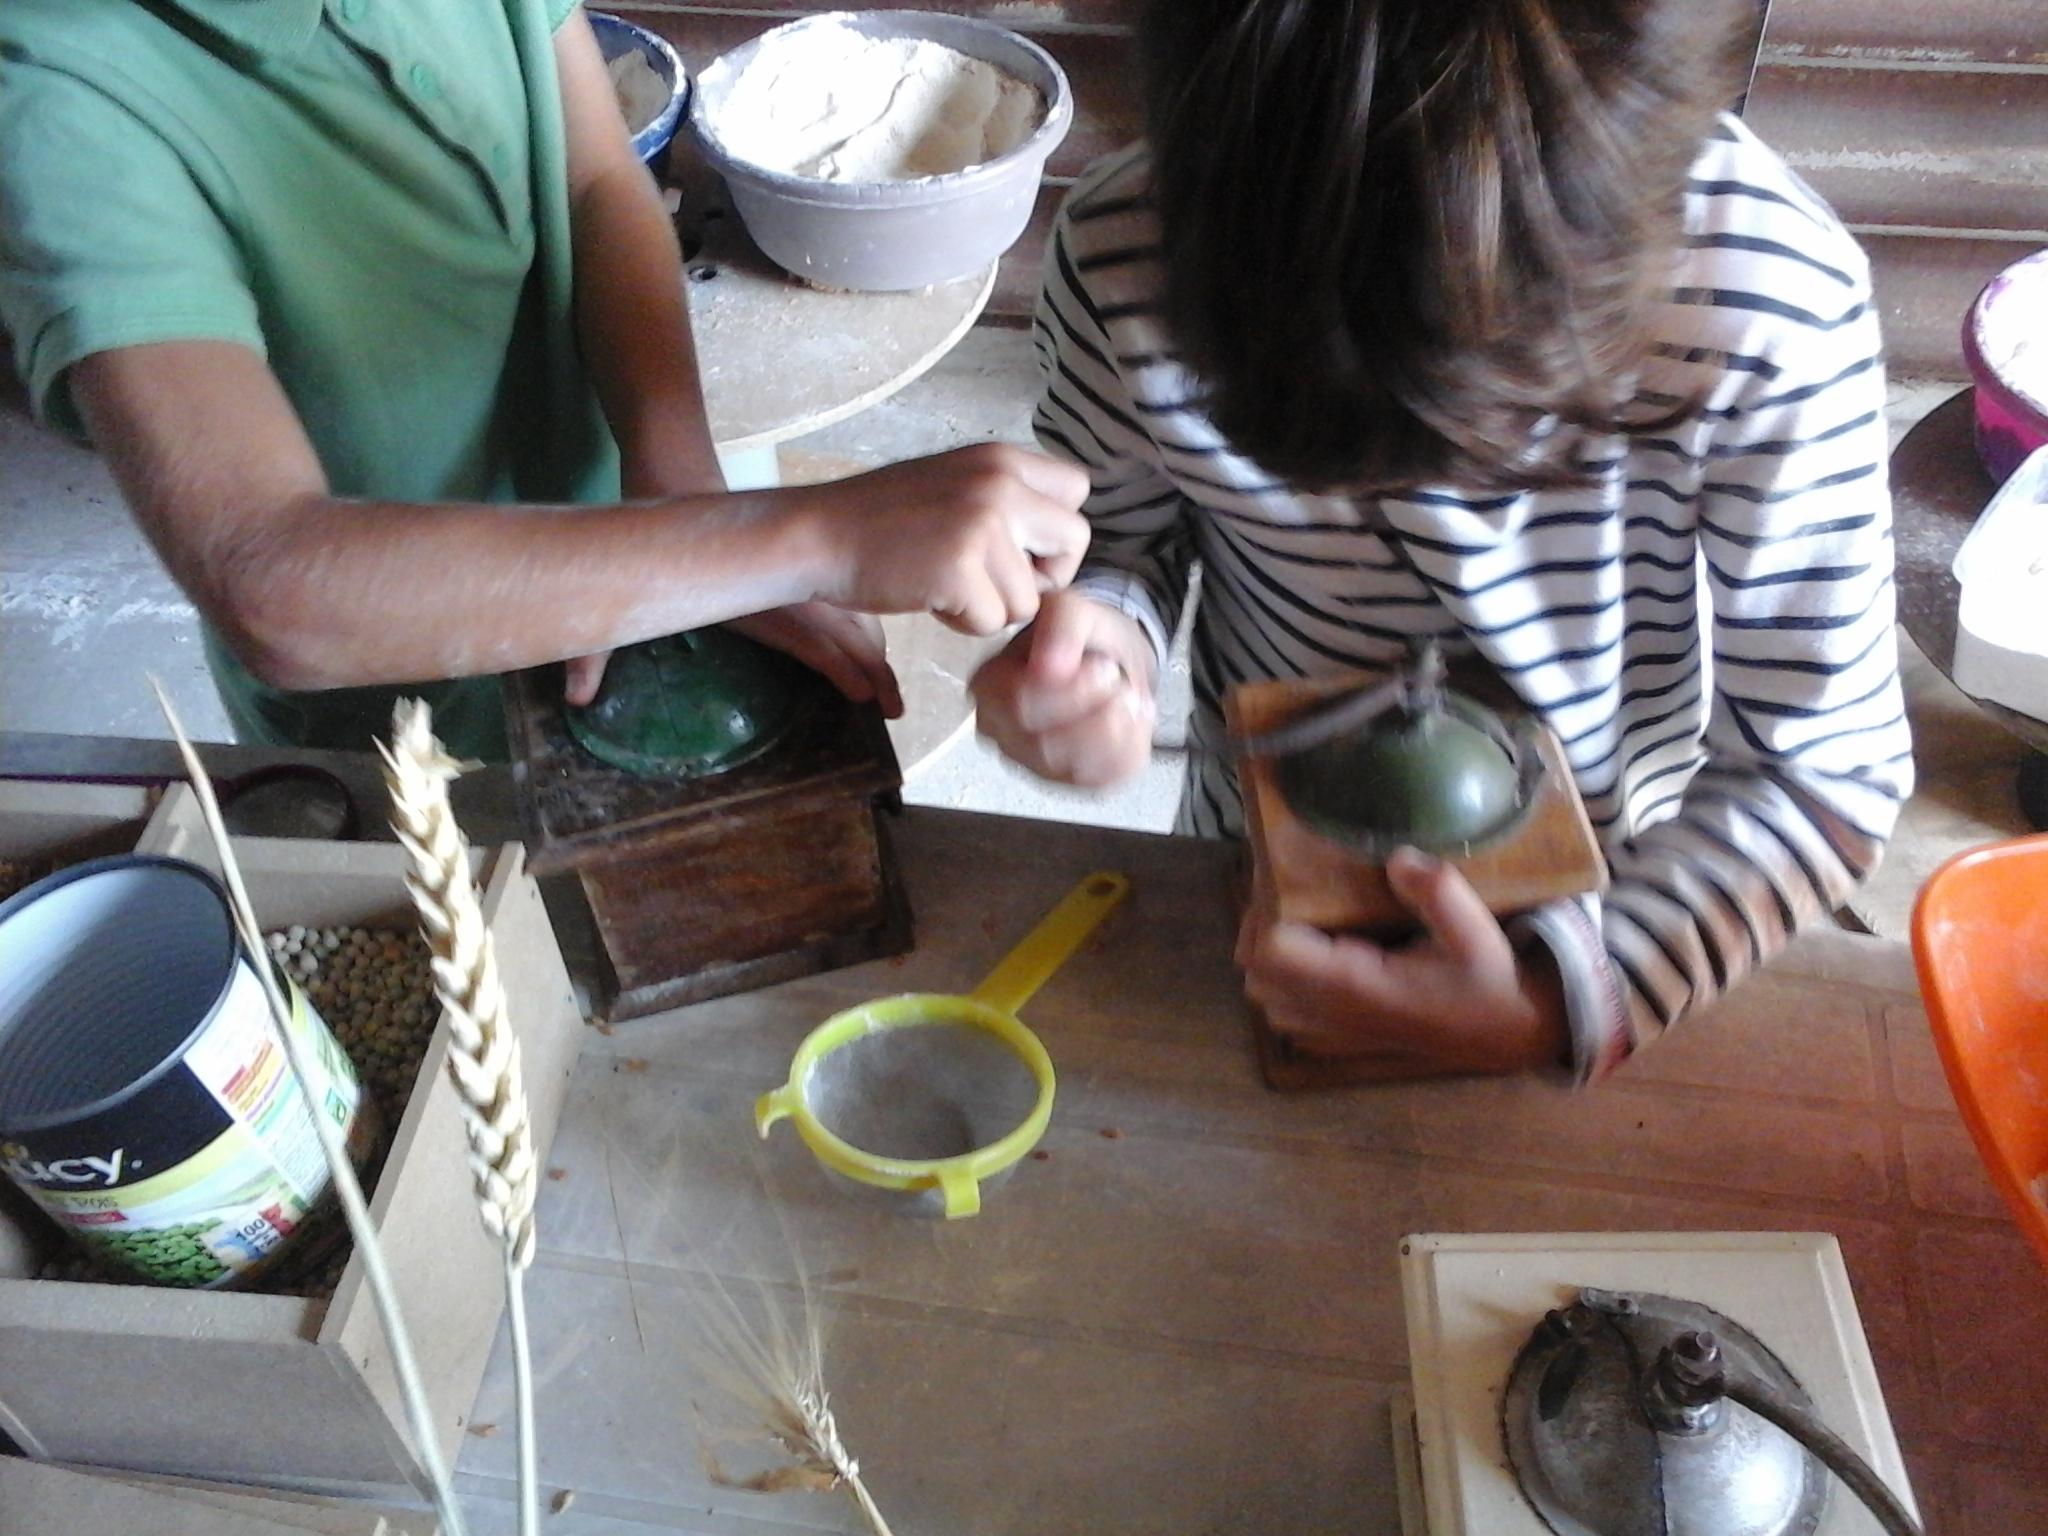 Moudre du blé avec des moulins à café